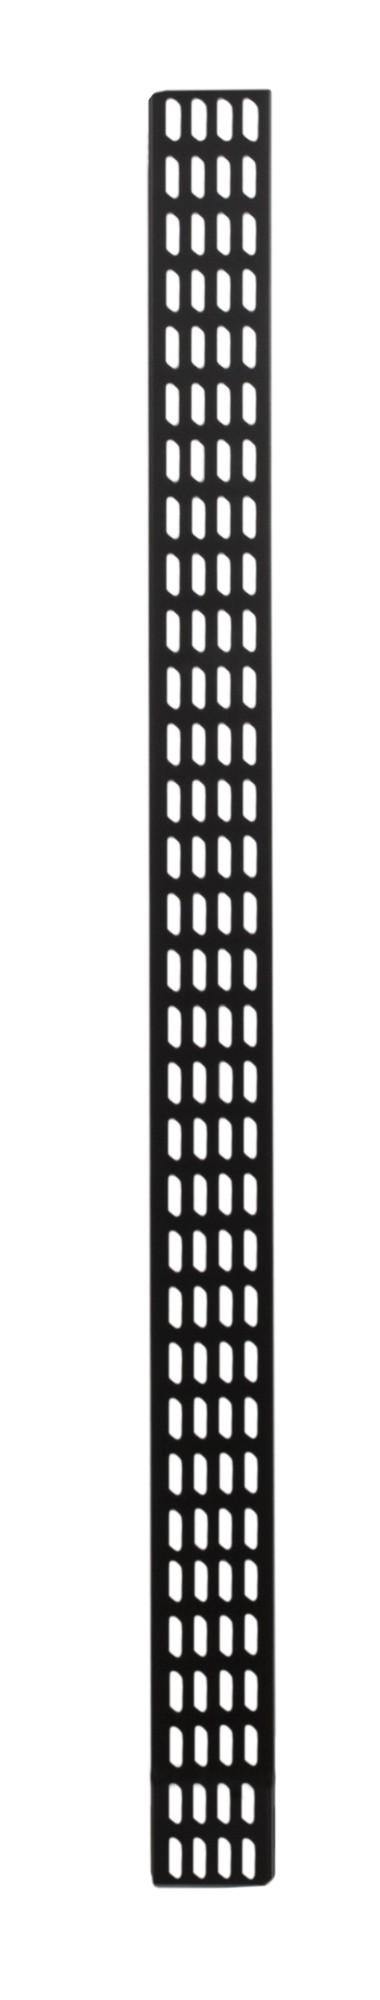 Afbeelding van 32U verticale kabelgoot